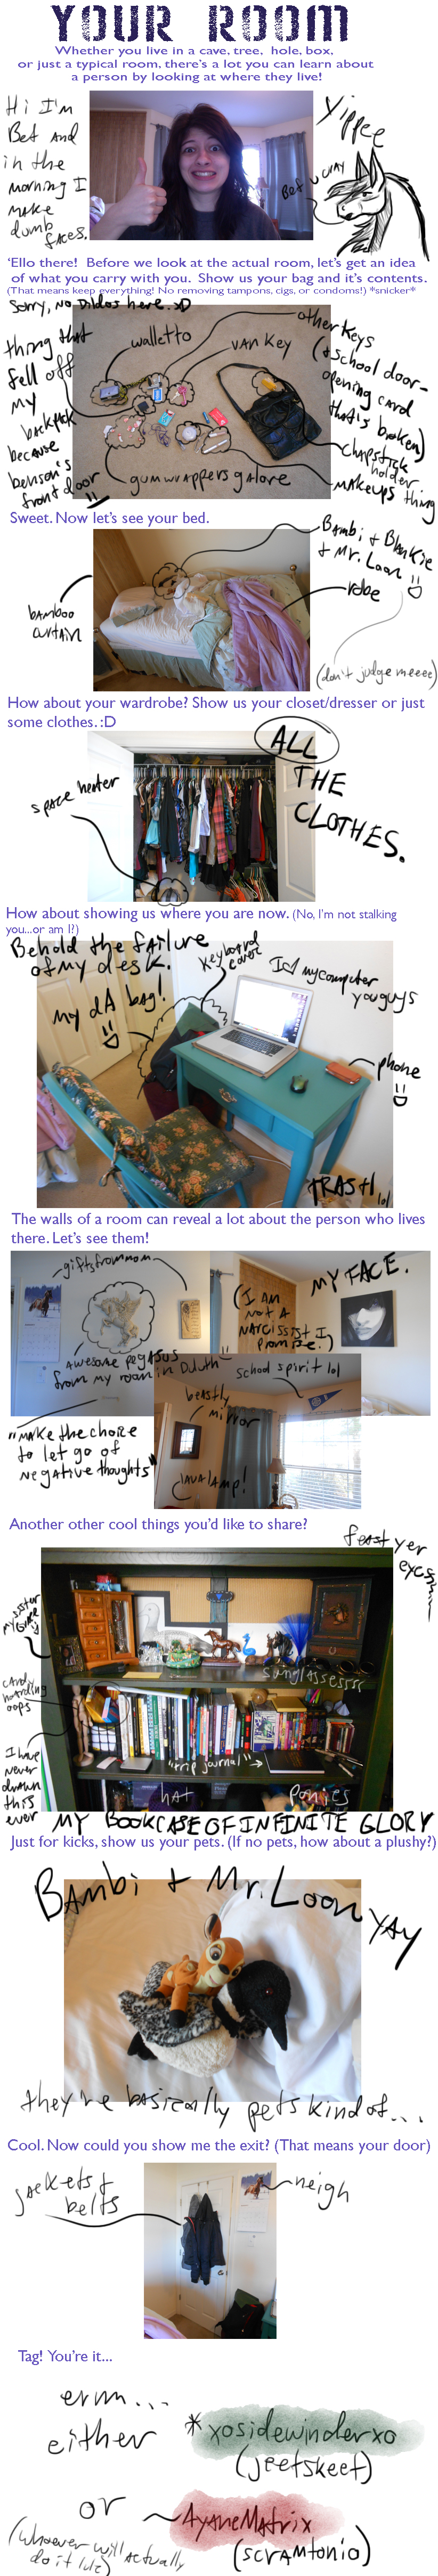 Bef's Room (meme) by Befera